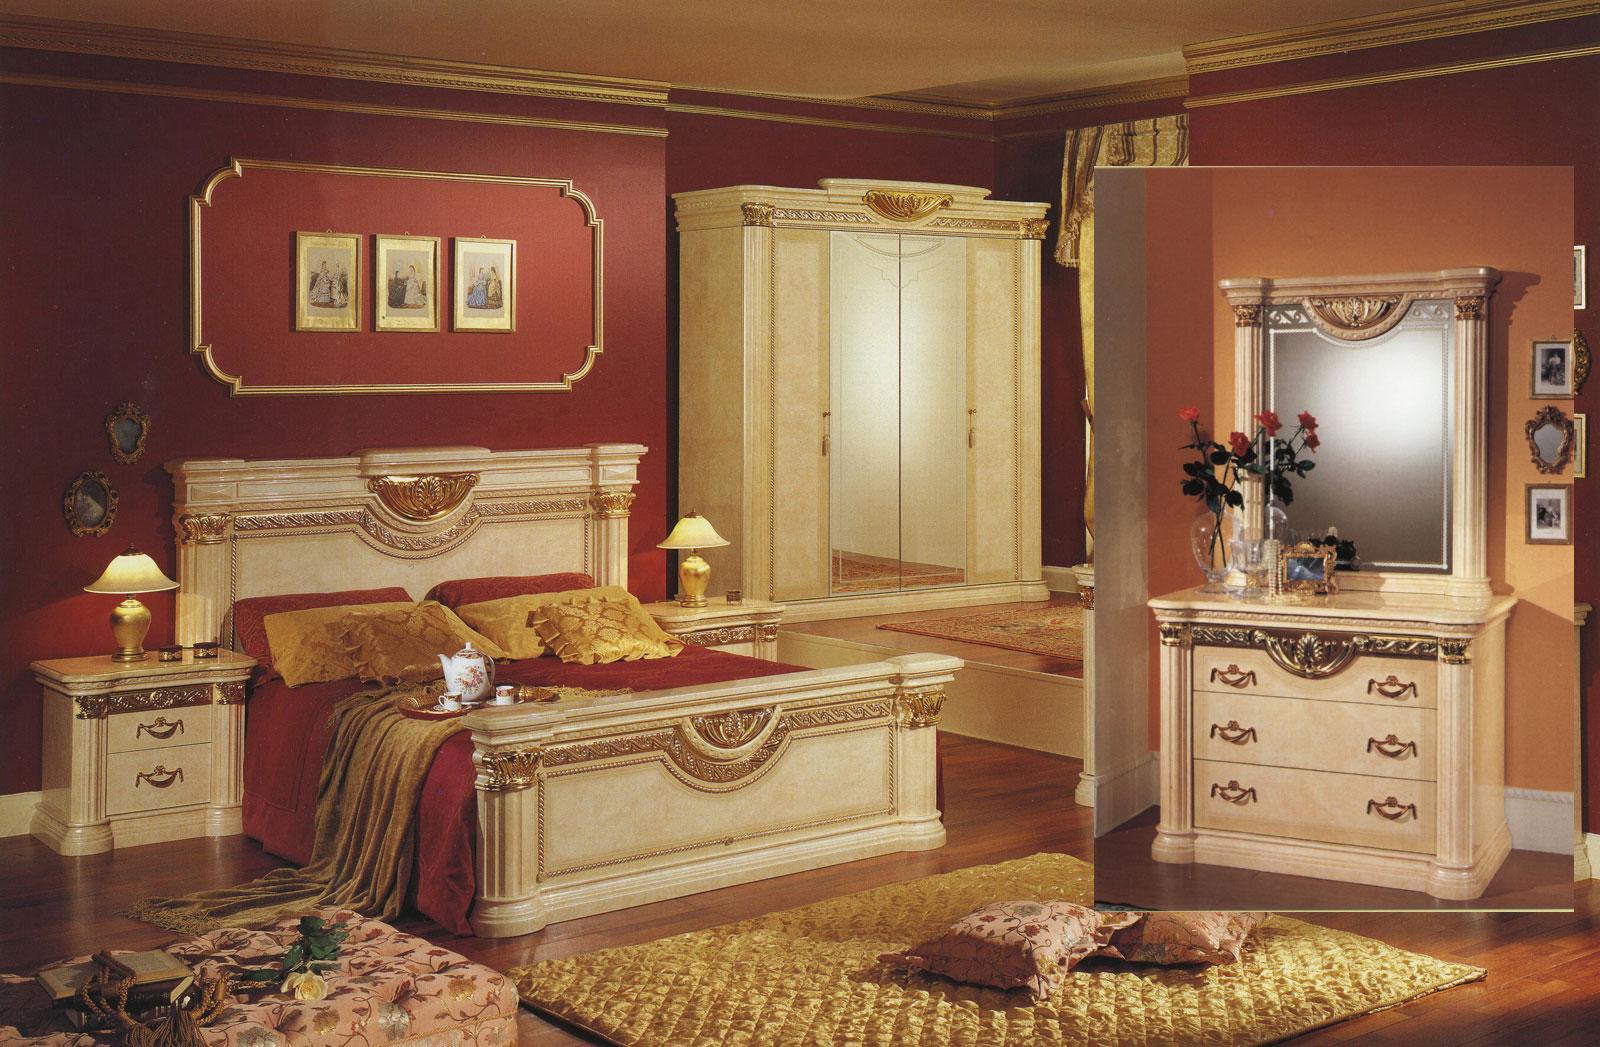 Komplett schlafzimmer modell lucy stilm bel italien neu ebay - Italienisches schlafzimmer ...